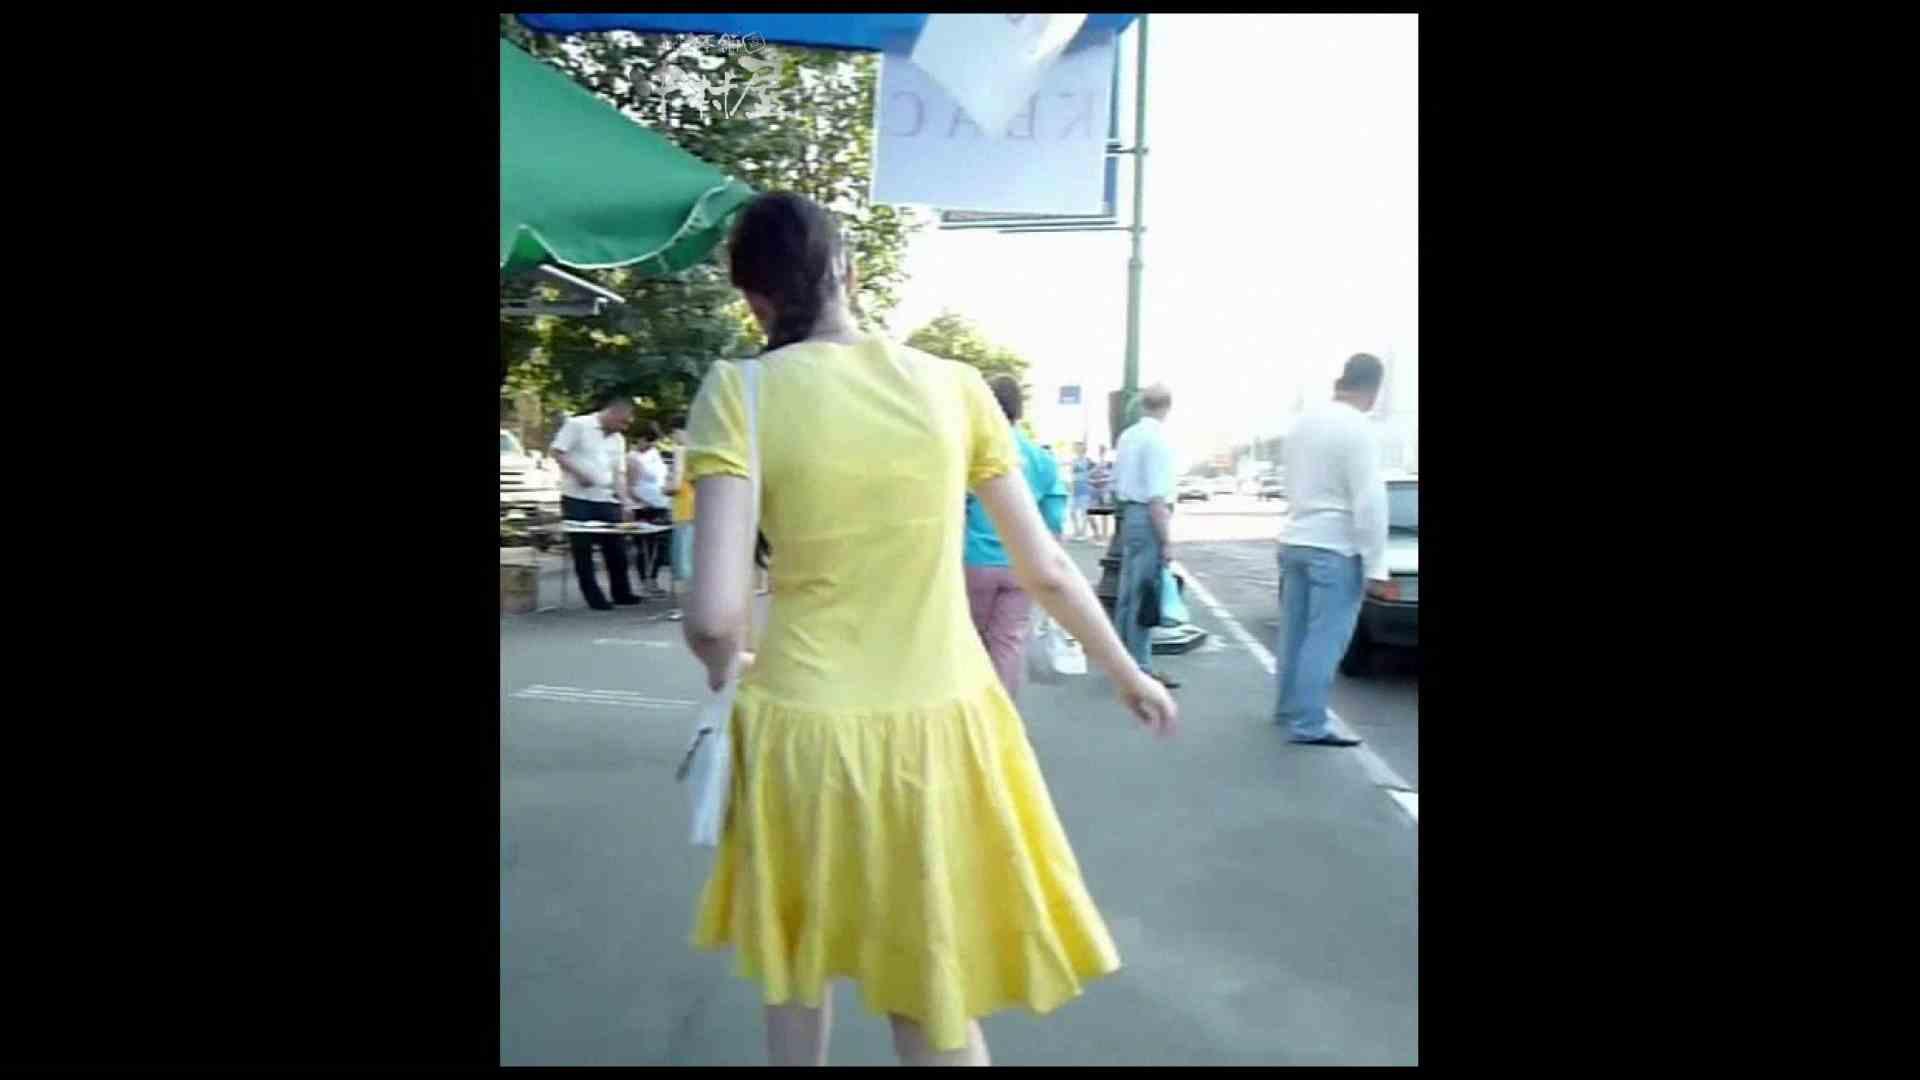 綺麗なモデルさんのスカート捲っちゃおう‼ vol30 エロいお姉さん  10枚 8